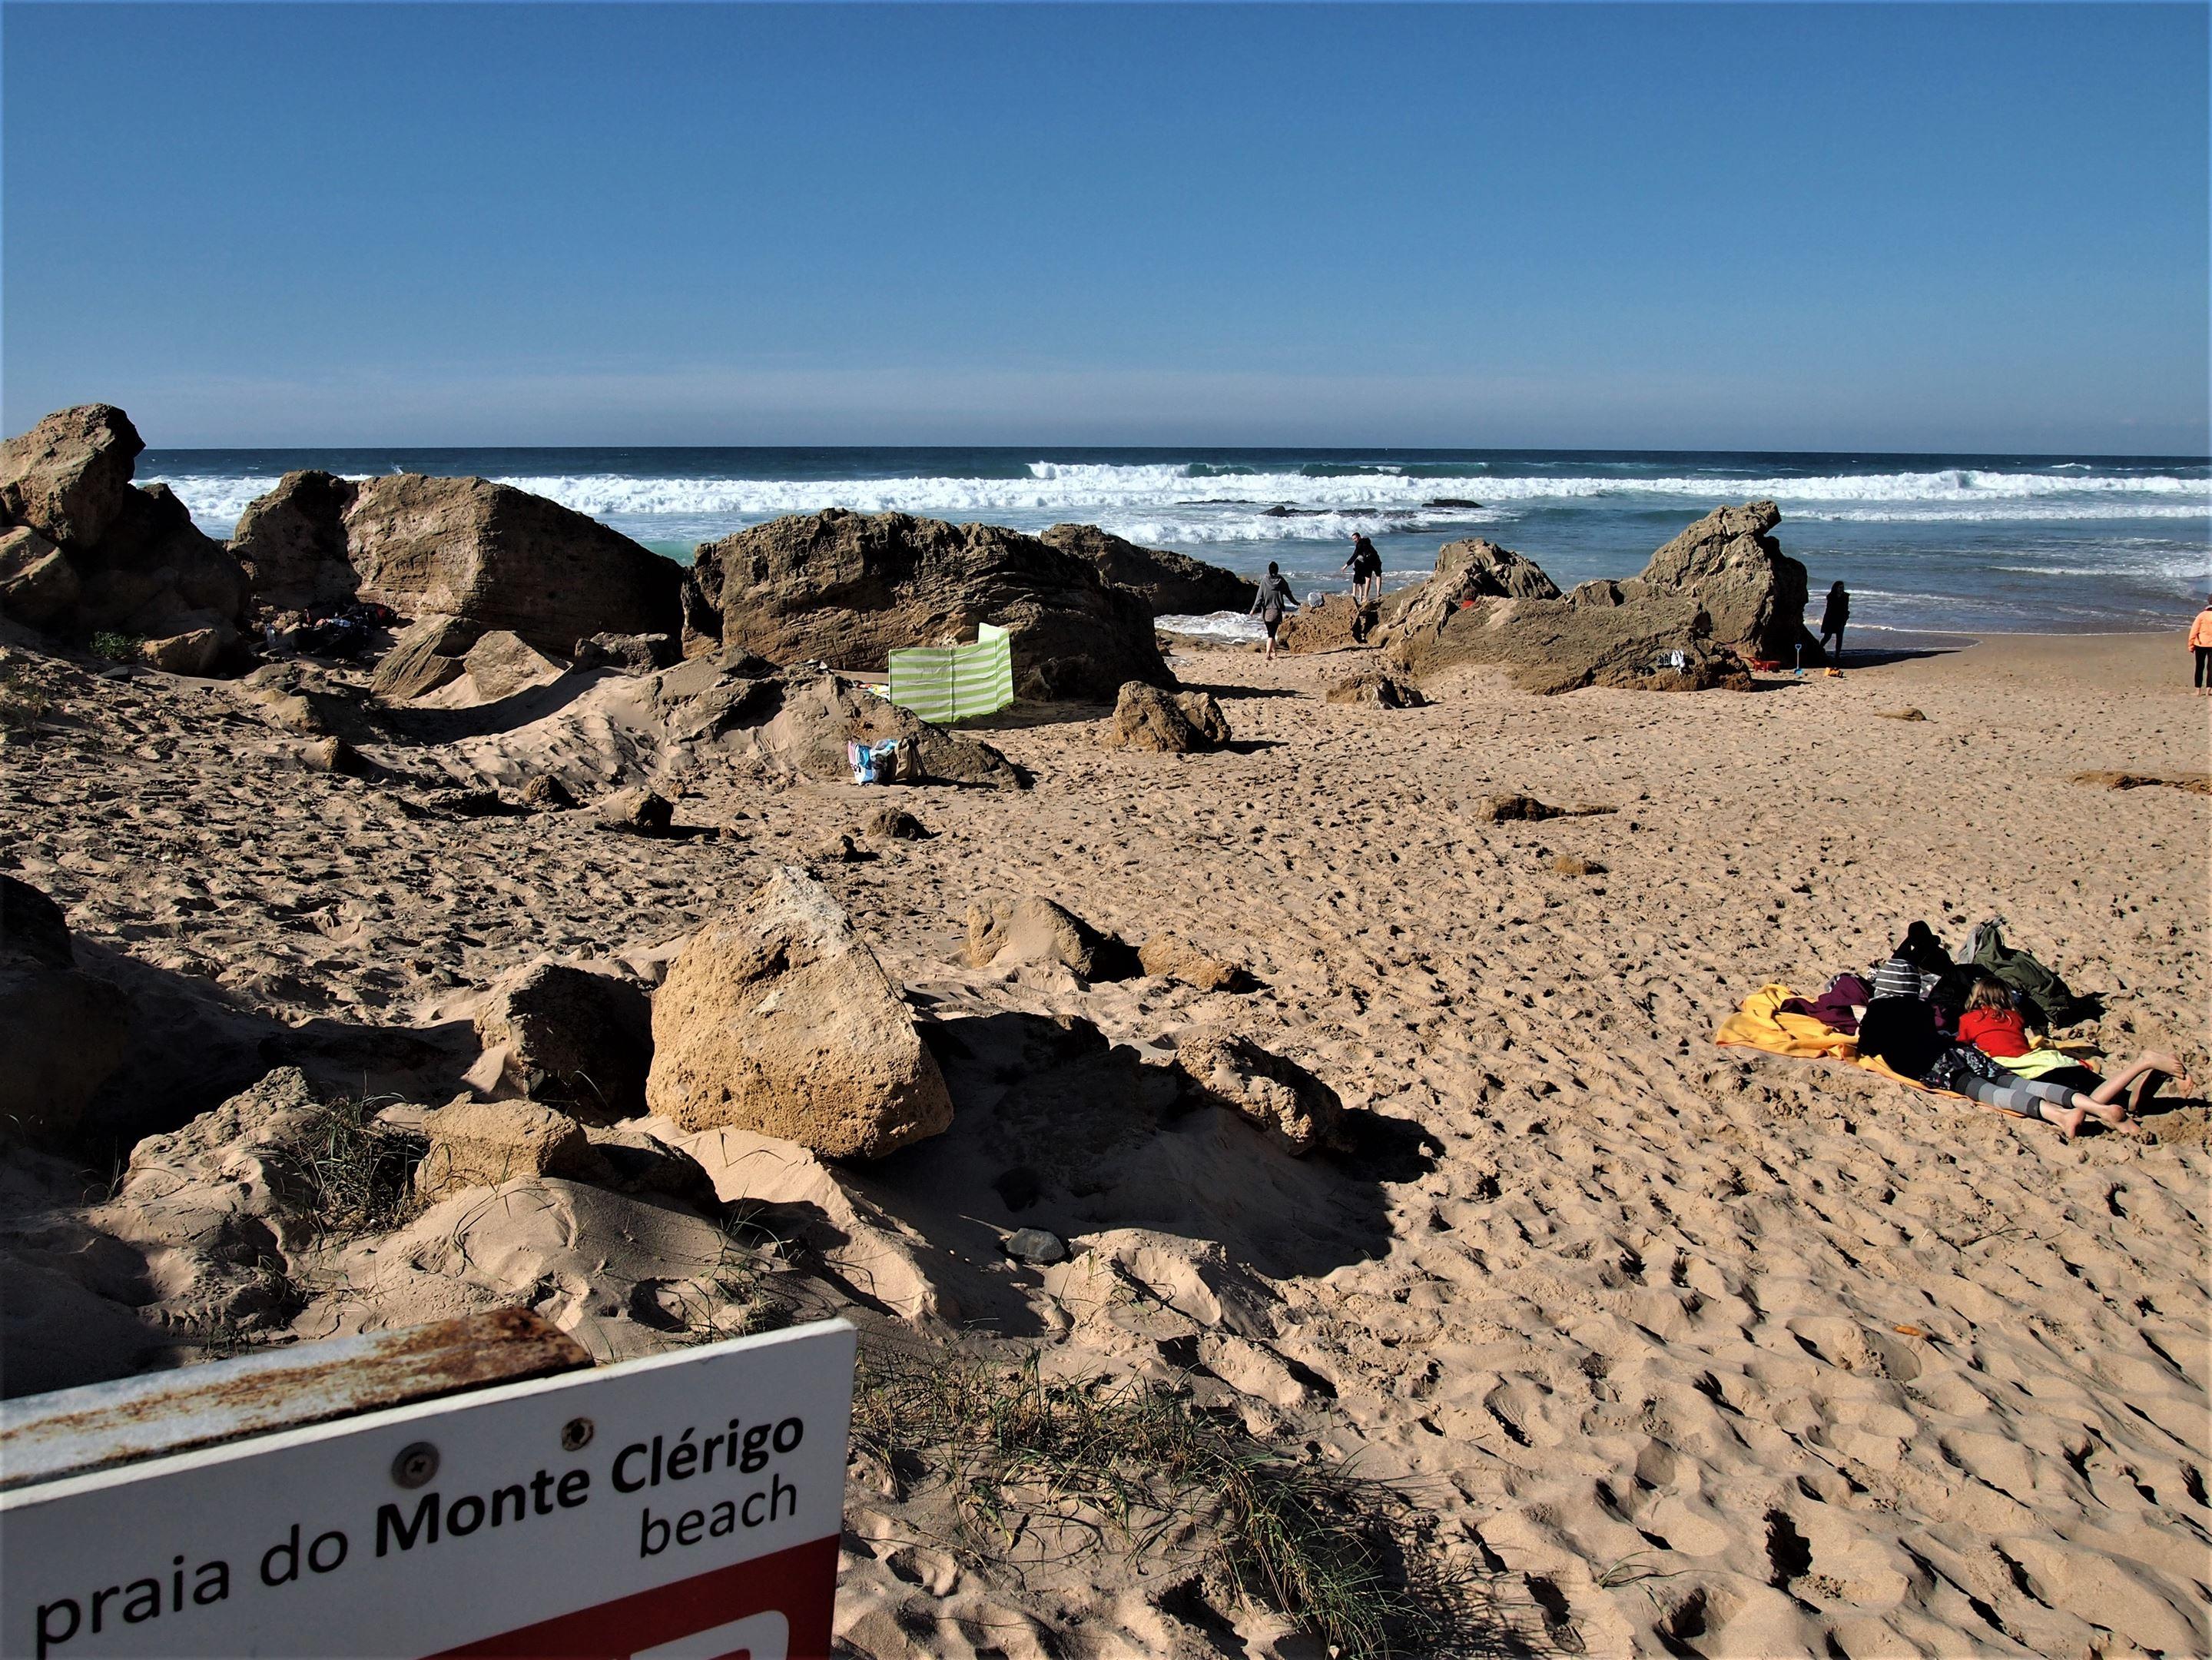 Praia do Monte Clérigo, Aljezur